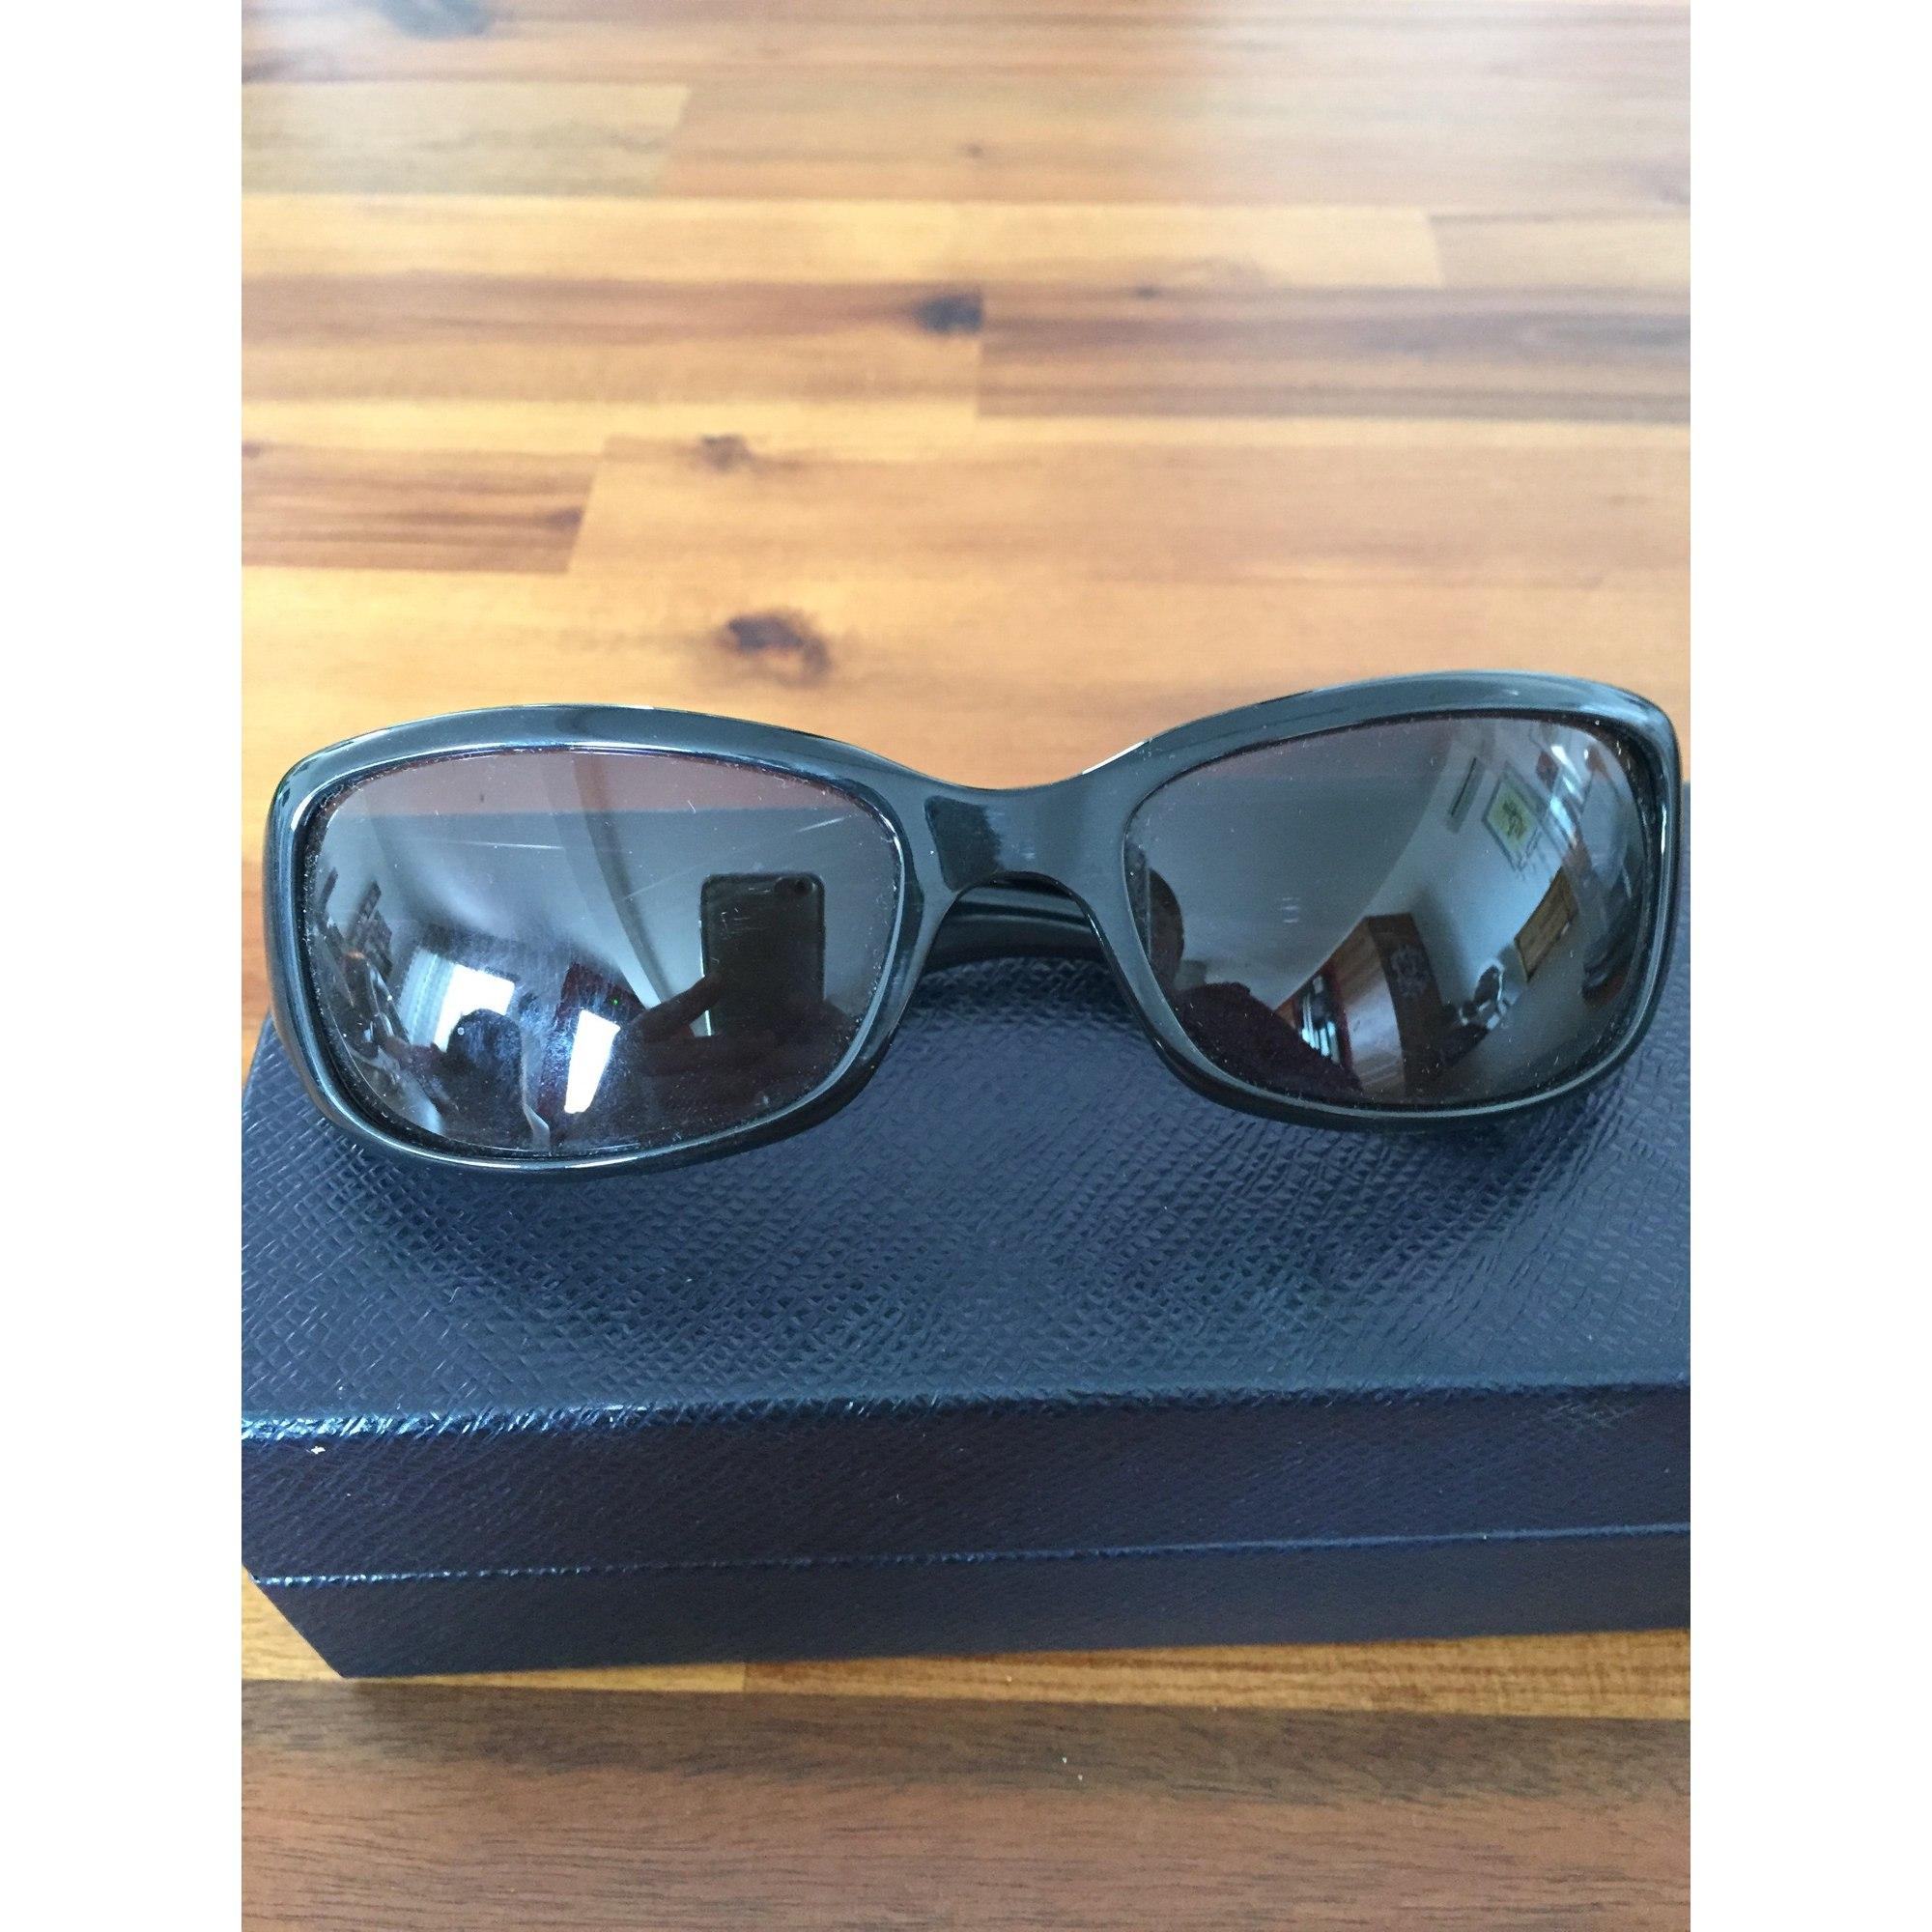 vendu 219 noir de soleil DIOR Lunettes par 3597558 Faustine Hxg4vw